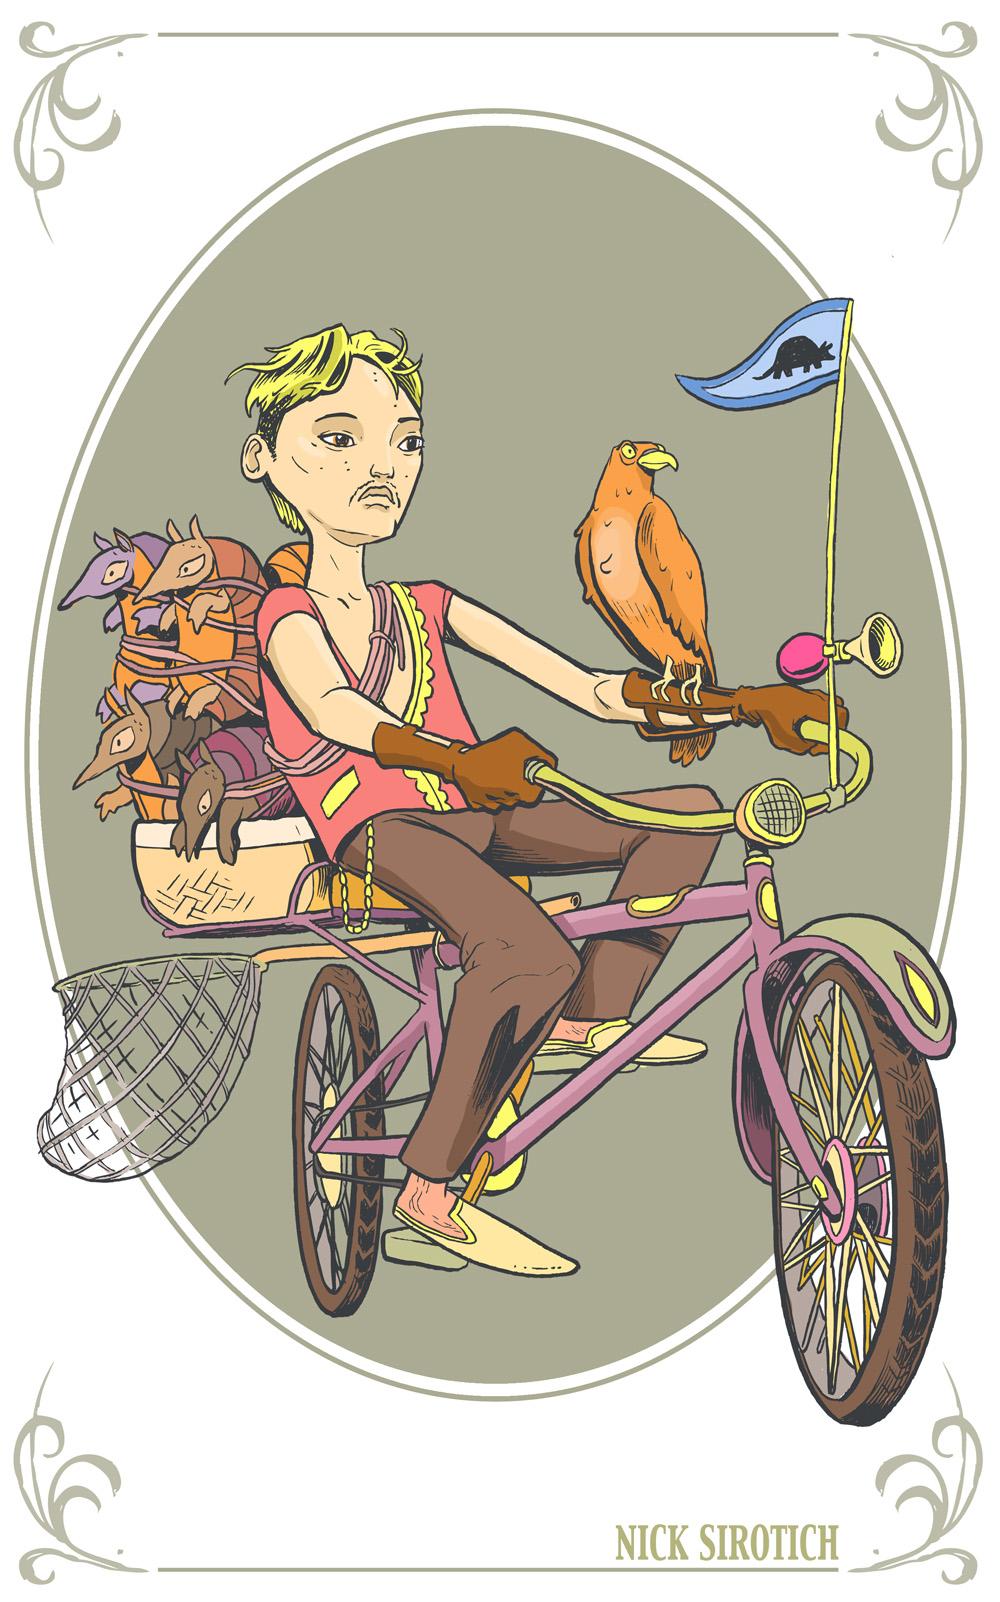 Nick sirotich illustration 9